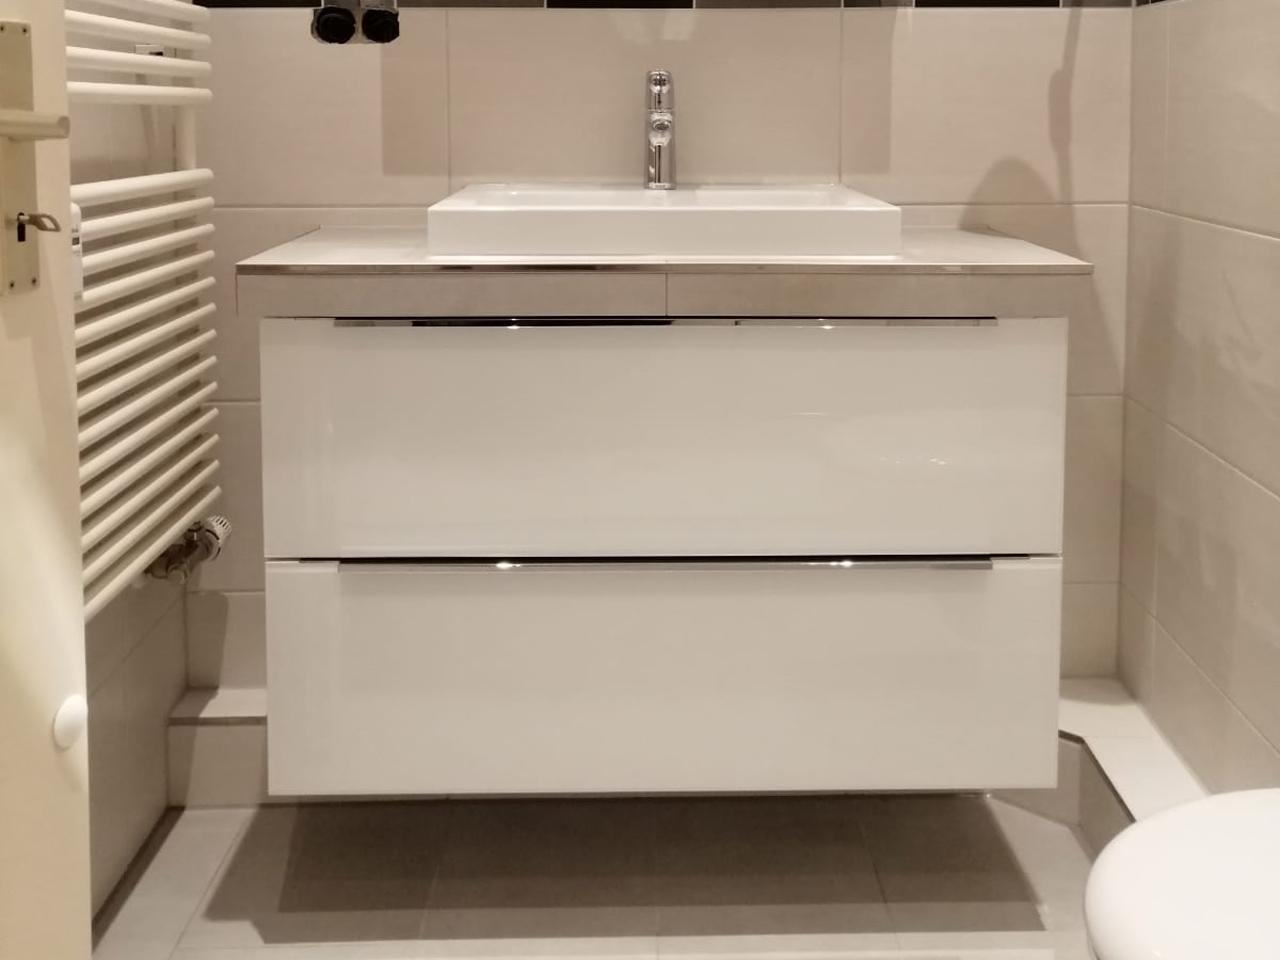 Waschtisch mit Unterschrank und Aufsatzbecken